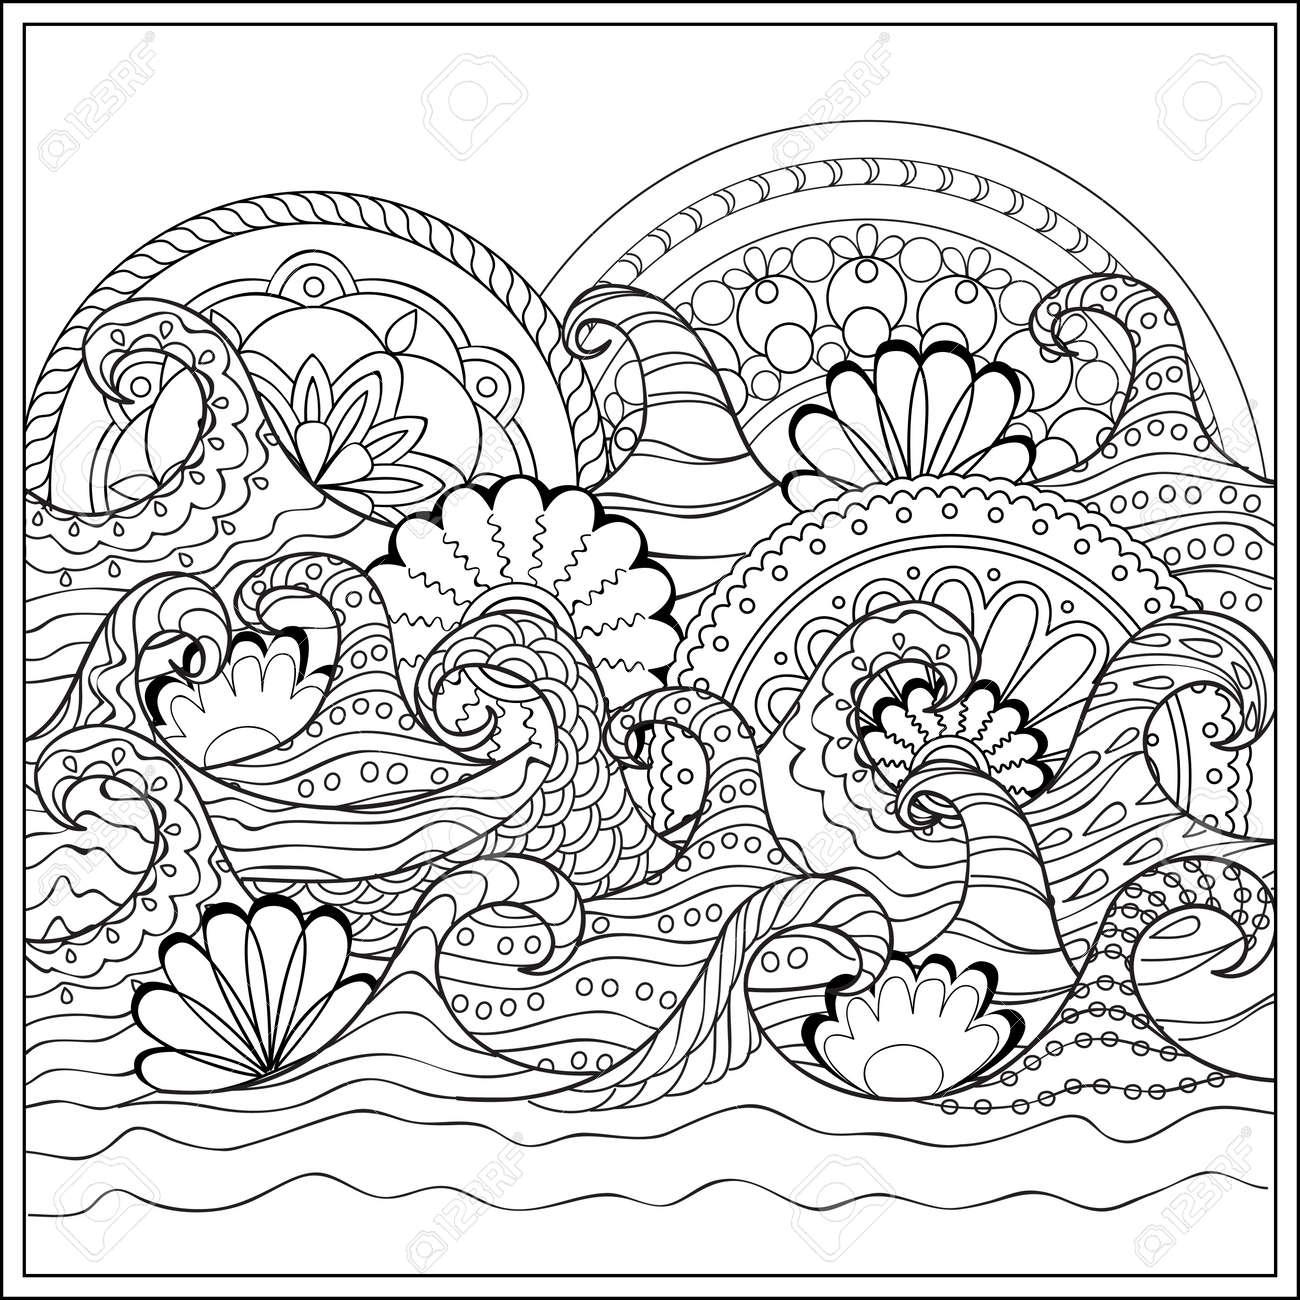 Dibujado A Mano Mandalas En El Océano Con Olas Decoradas Imagen Para Adultos Y Niños Libros Para Colorear Grabado Grabado Bordado Decorar